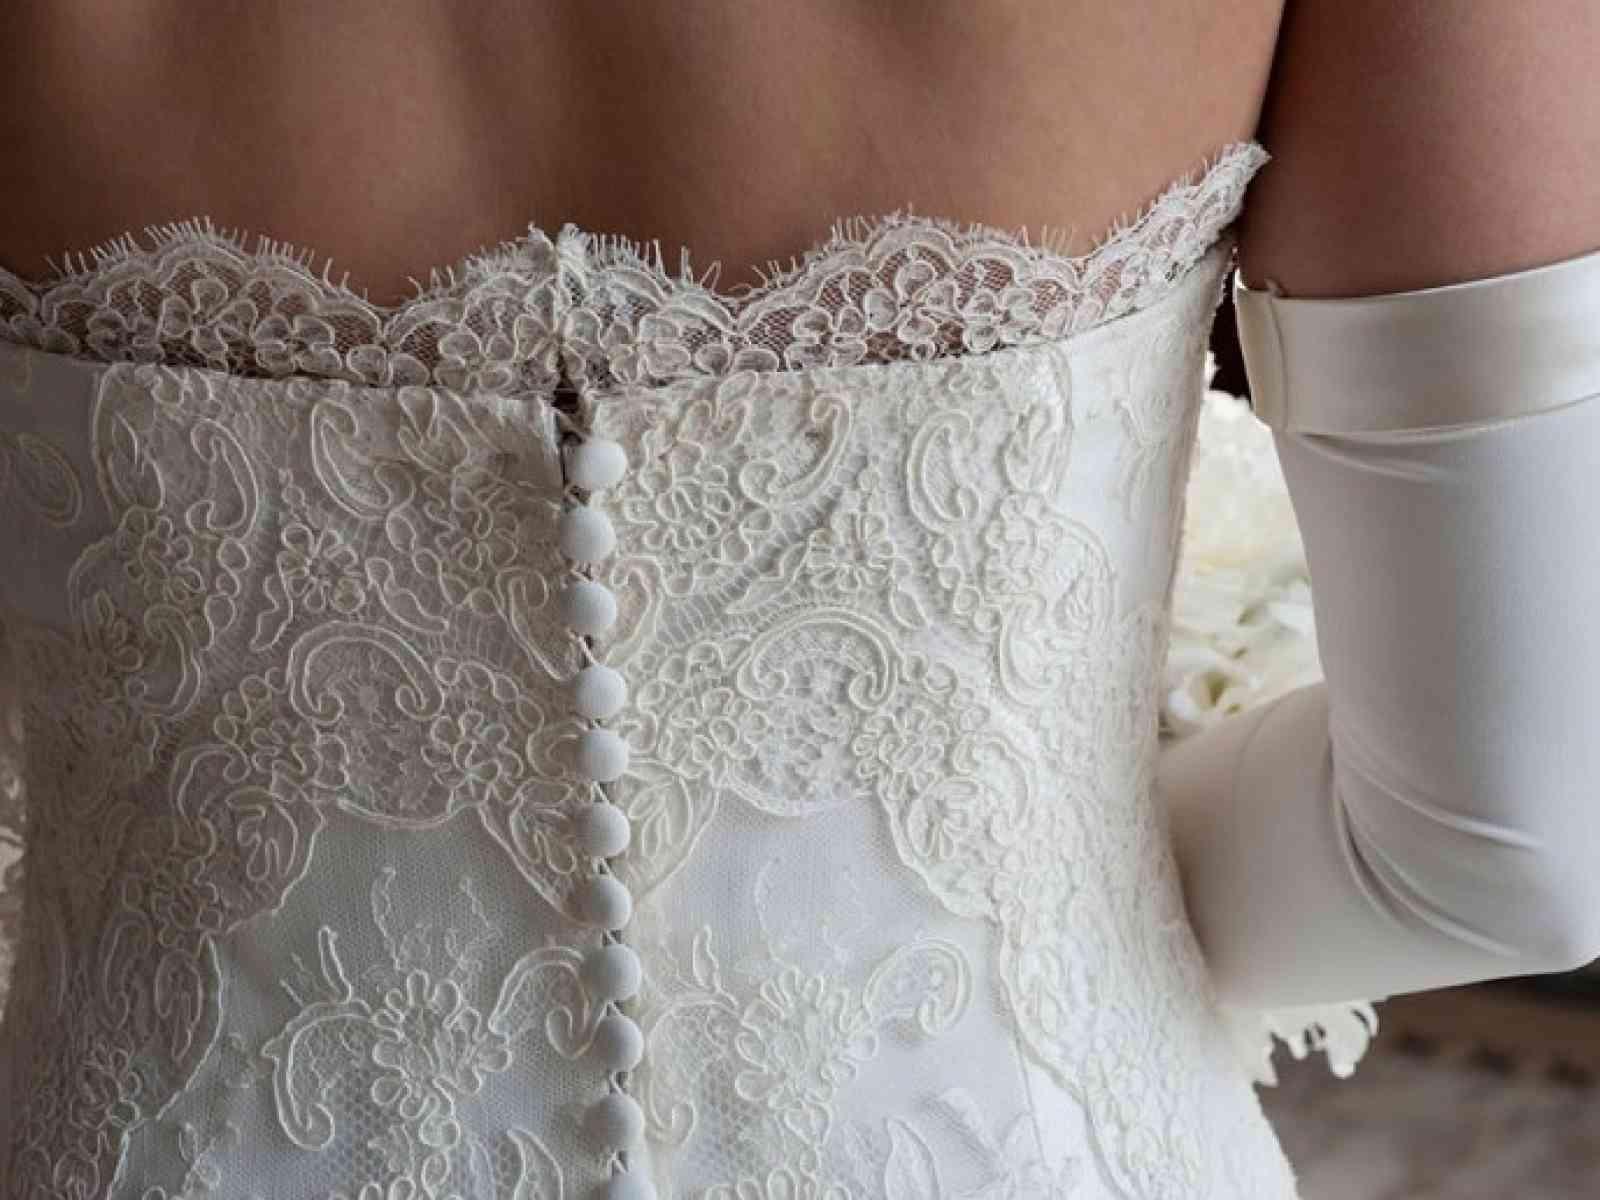 Immagine articolo: CVetrano, lo sposo non si presenta all'altare tra imbarazzo e incredulità. Saltato (per ora) il matrimonio